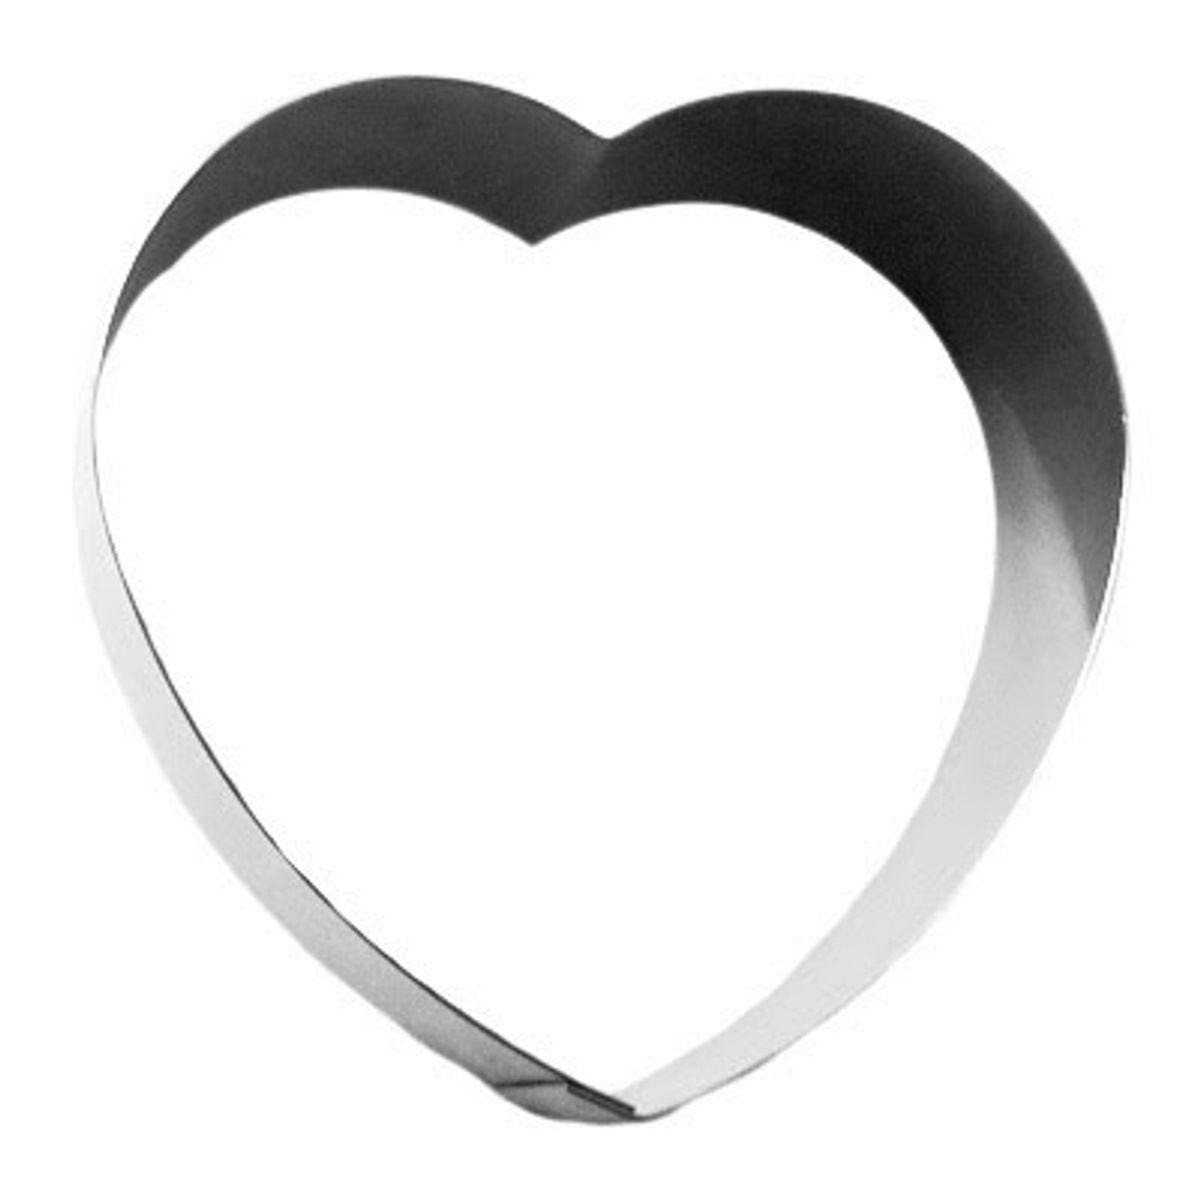 Coeur en inox 8.5 cm - Gobel